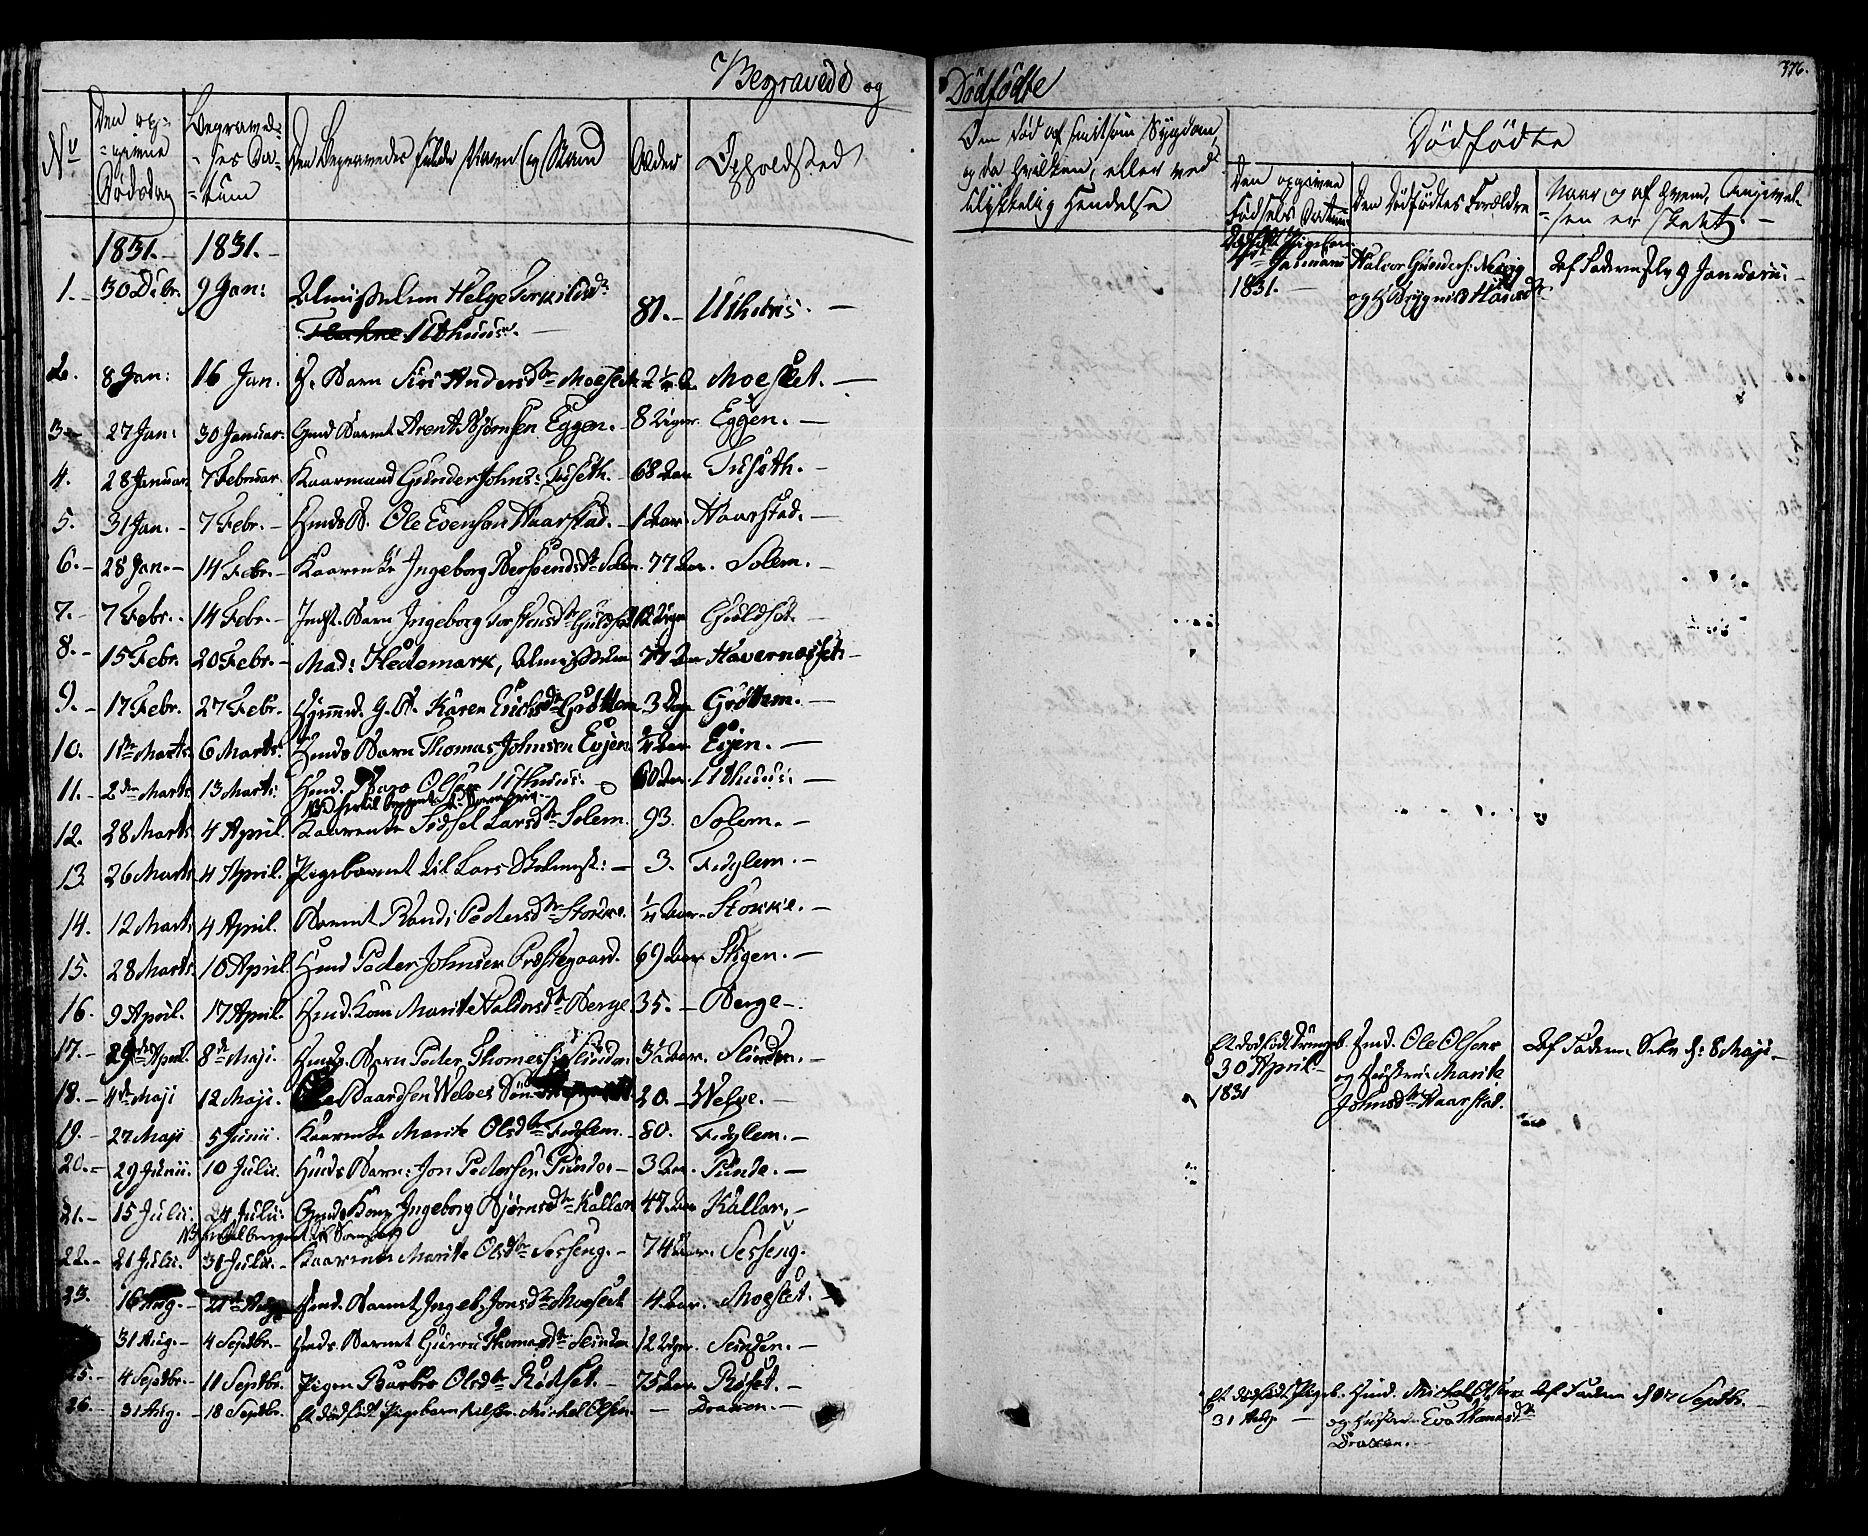 SAT, Ministerialprotokoller, klokkerbøker og fødselsregistre - Sør-Trøndelag, 695/L1143: Ministerialbok nr. 695A05 /1, 1824-1842, s. 376